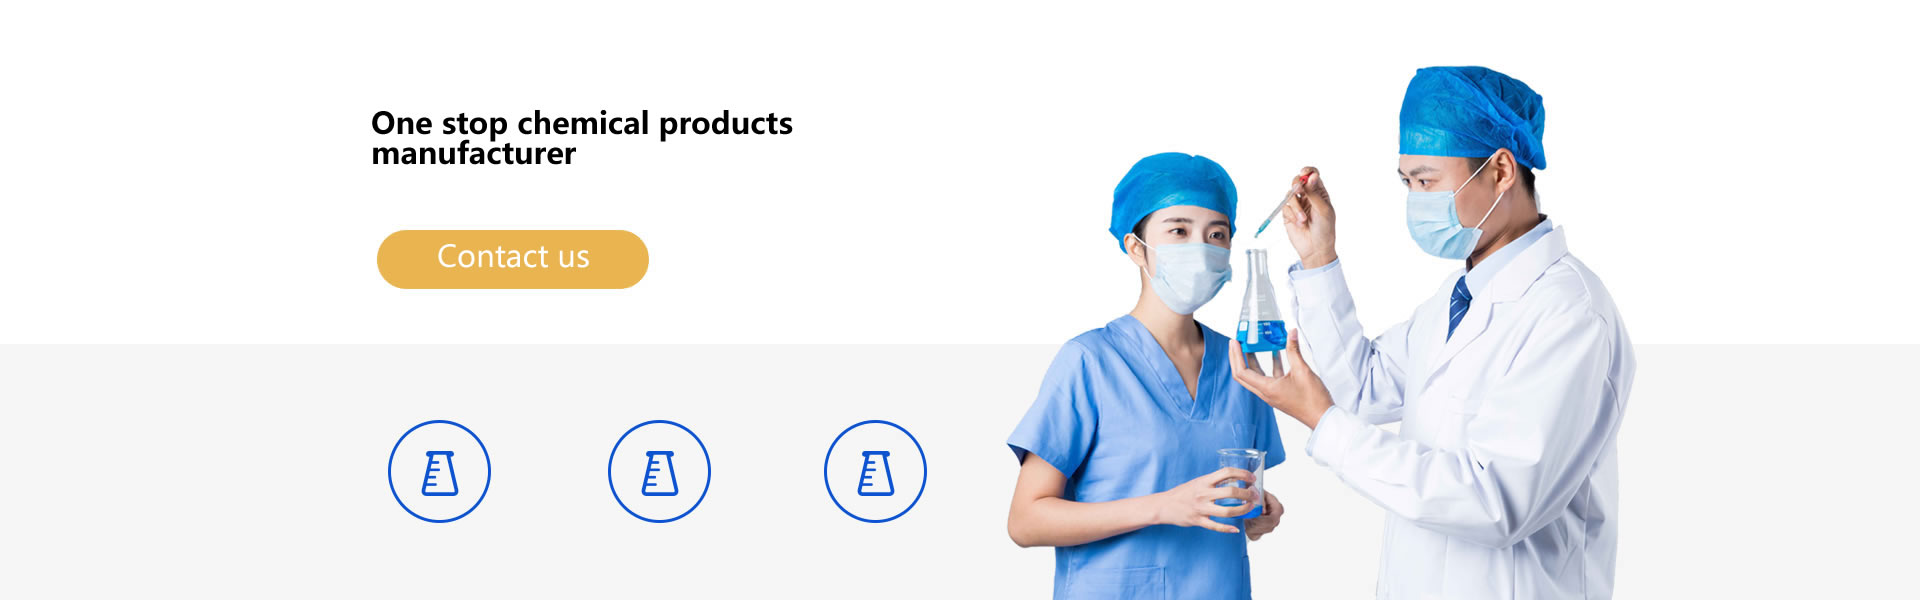 金欣科技铁粉合金粉系列产品换新包装